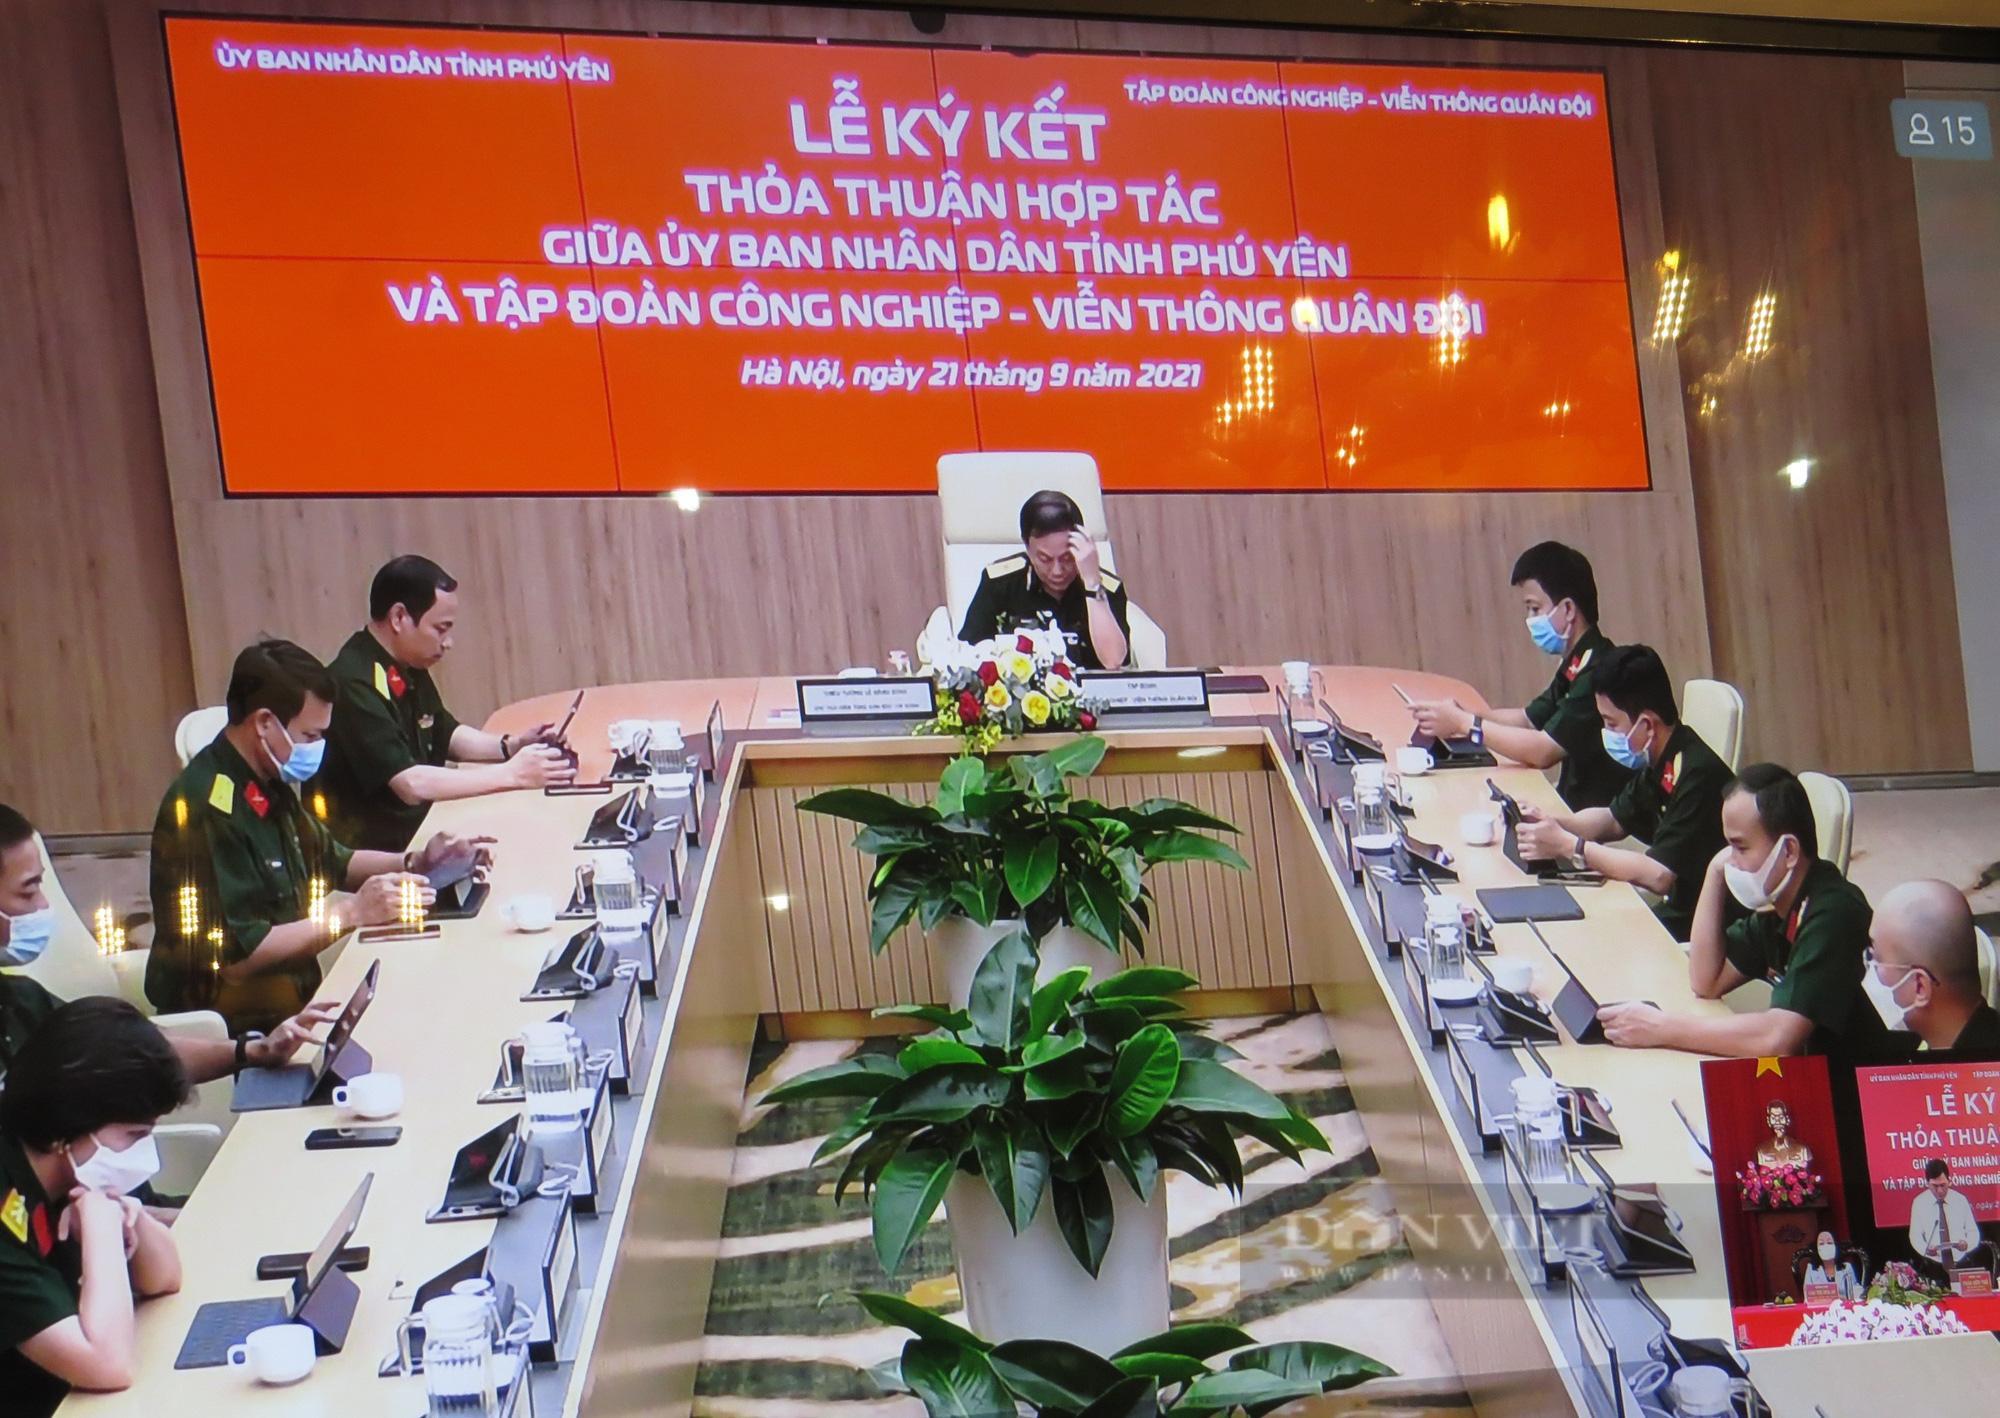 Phú Yên và Viettel ký hợp tác chuyển đổi số giai đoạn 2021-2025 - Ảnh 2.